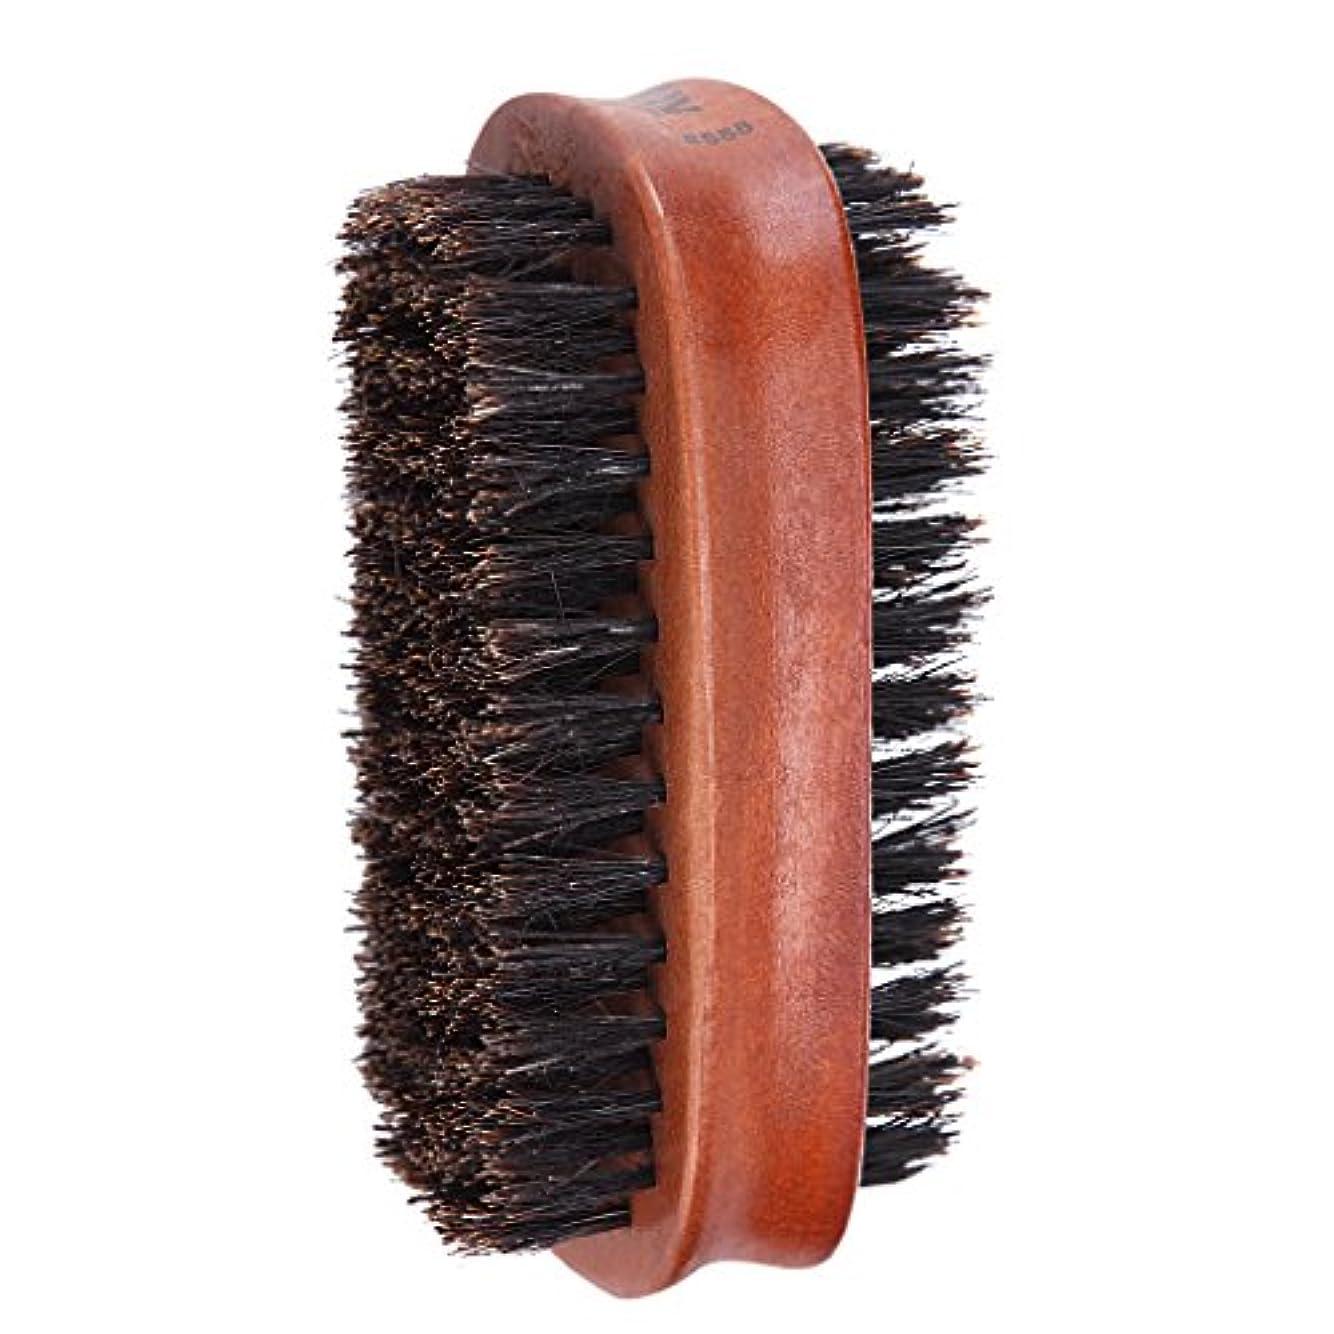 衣類ベンチャーほぼToygogo ヘアブラシ 両面ブラシ 男性 髭 口ひげ グルーミングブラシ ブリストルブラシ